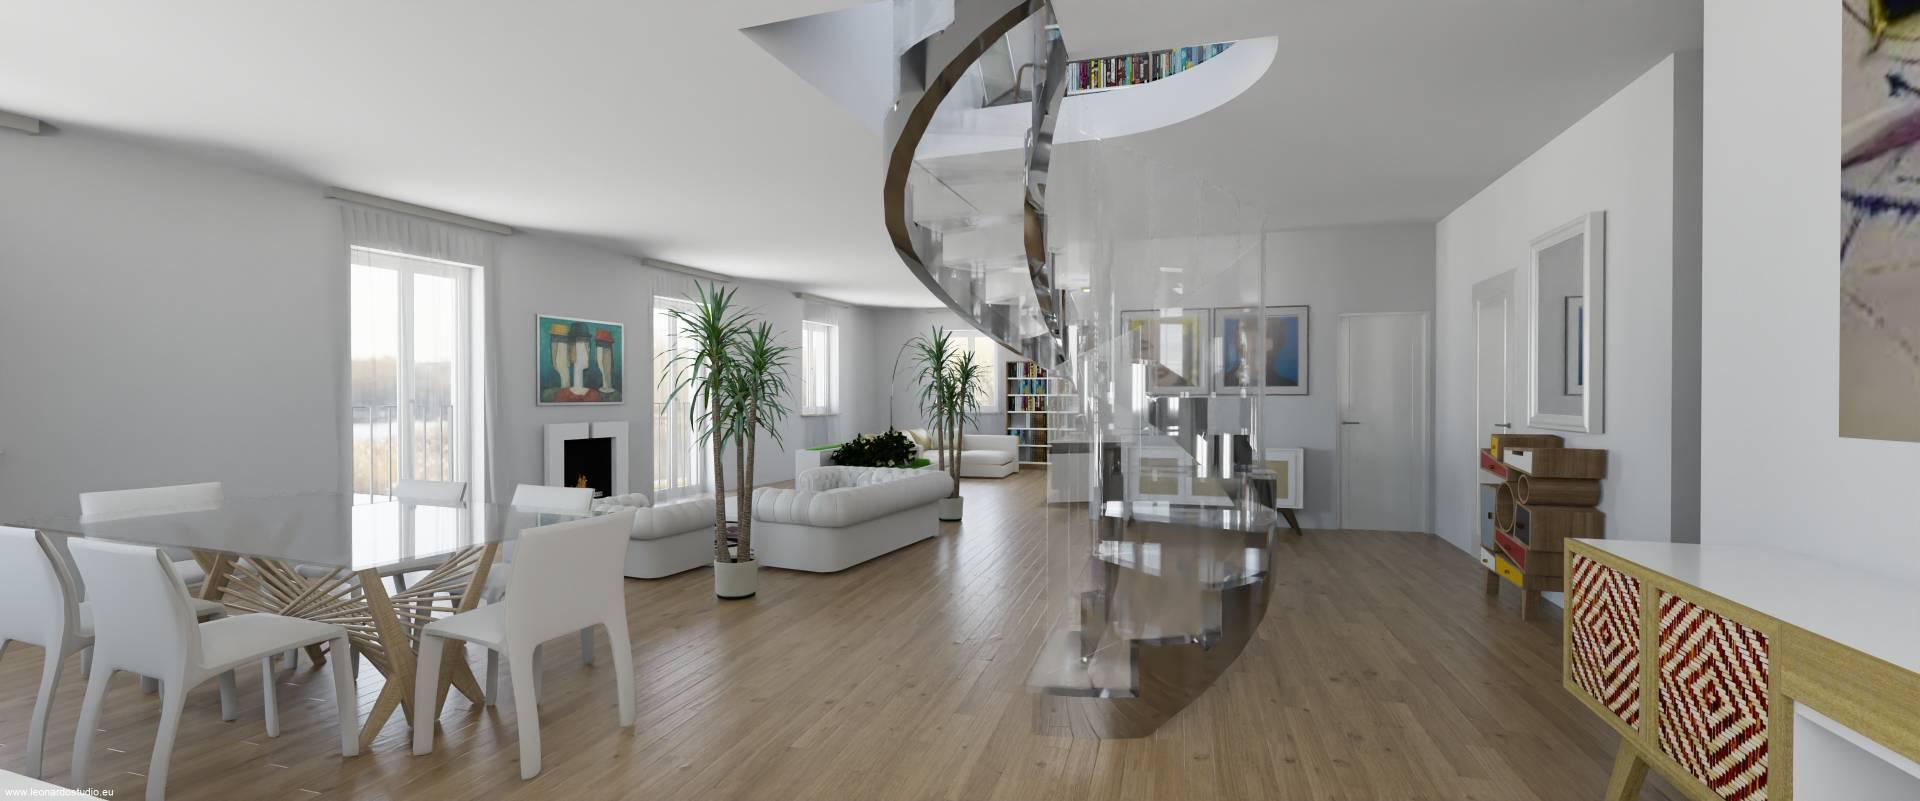 Appartamento in vendita a Verona, 6 locali, zona Località: Centrostorico, prezzo € 1.390.000 | PortaleAgenzieImmobiliari.it